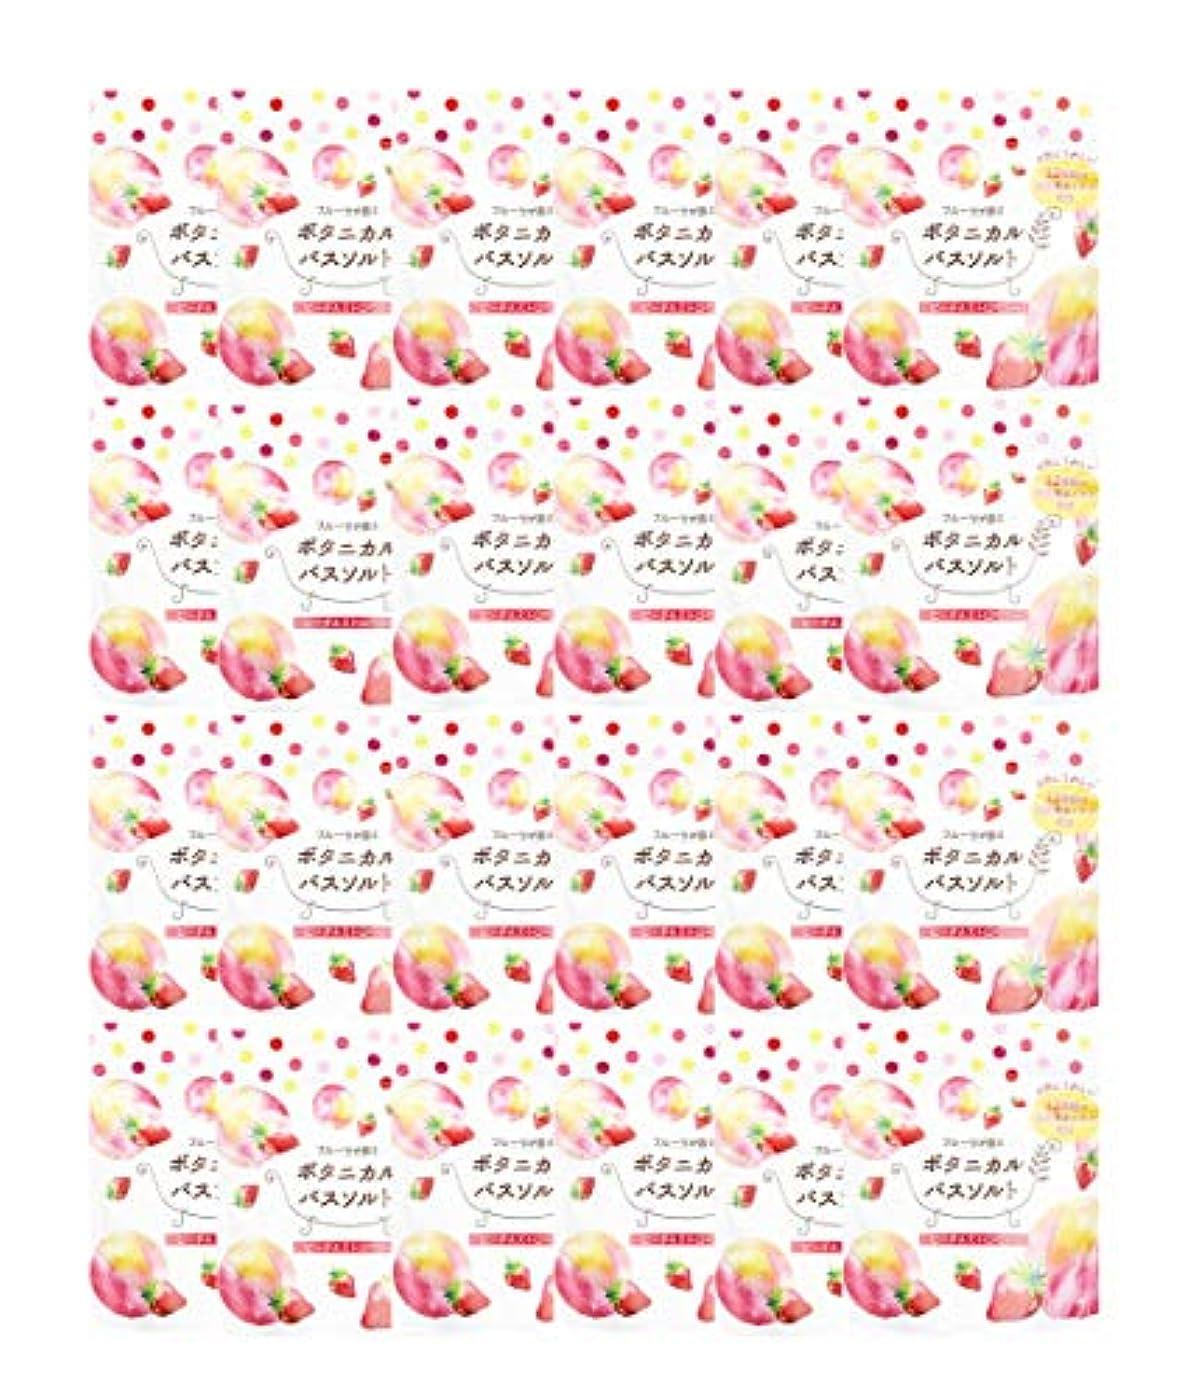 二年生ホイットニー石松田医薬品 フルーツが香るボタニカルバスソルト ピーチ&ストロベリー 30g 24個セット